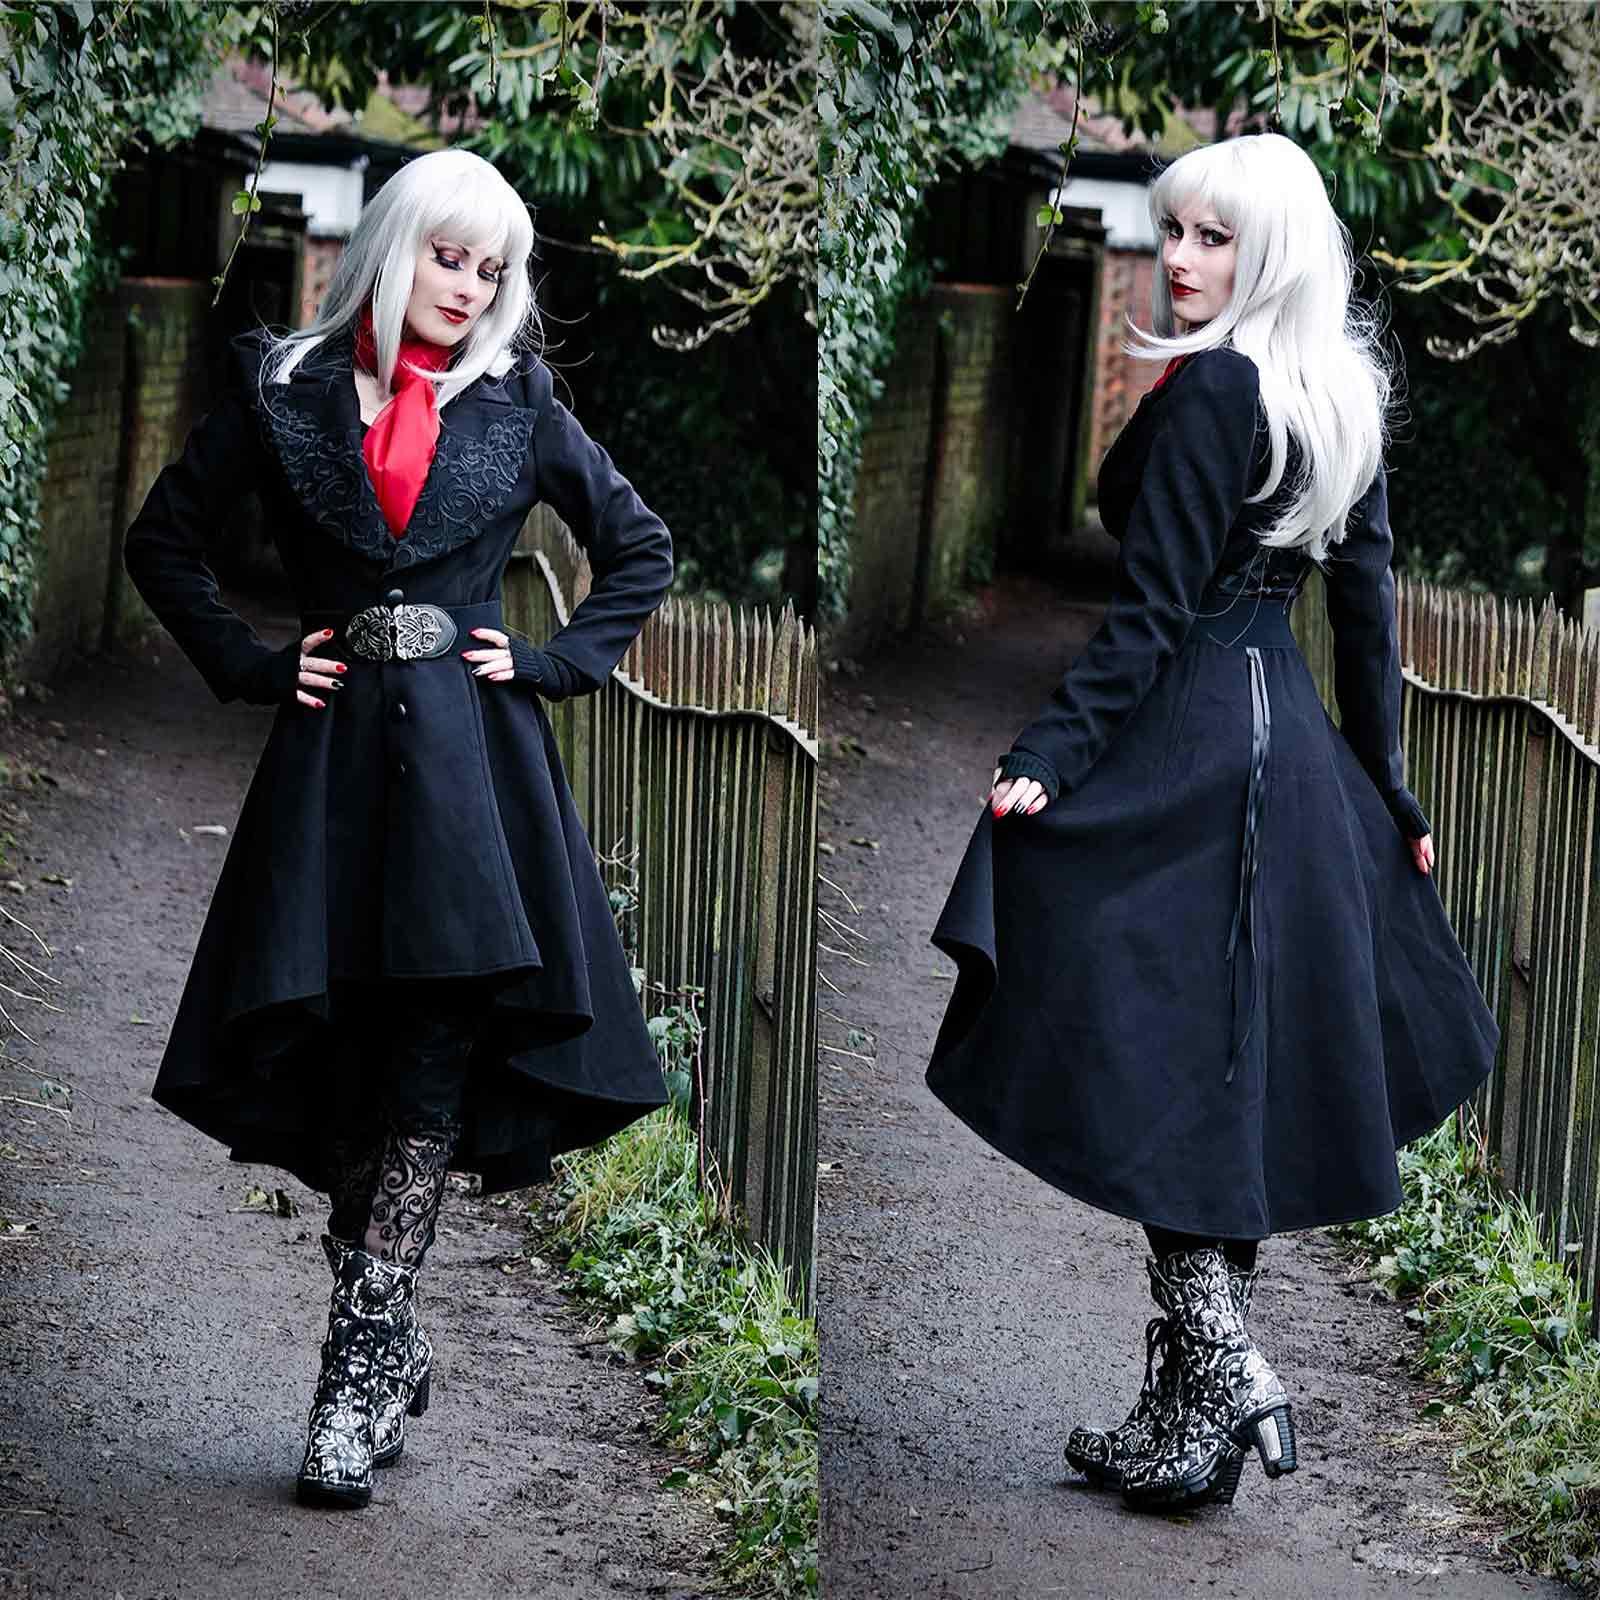 Gothic Zu In Mantel Romantischer Gothicmantel Dark Coat Details Love Winter Schwingend Lady n0wPOk